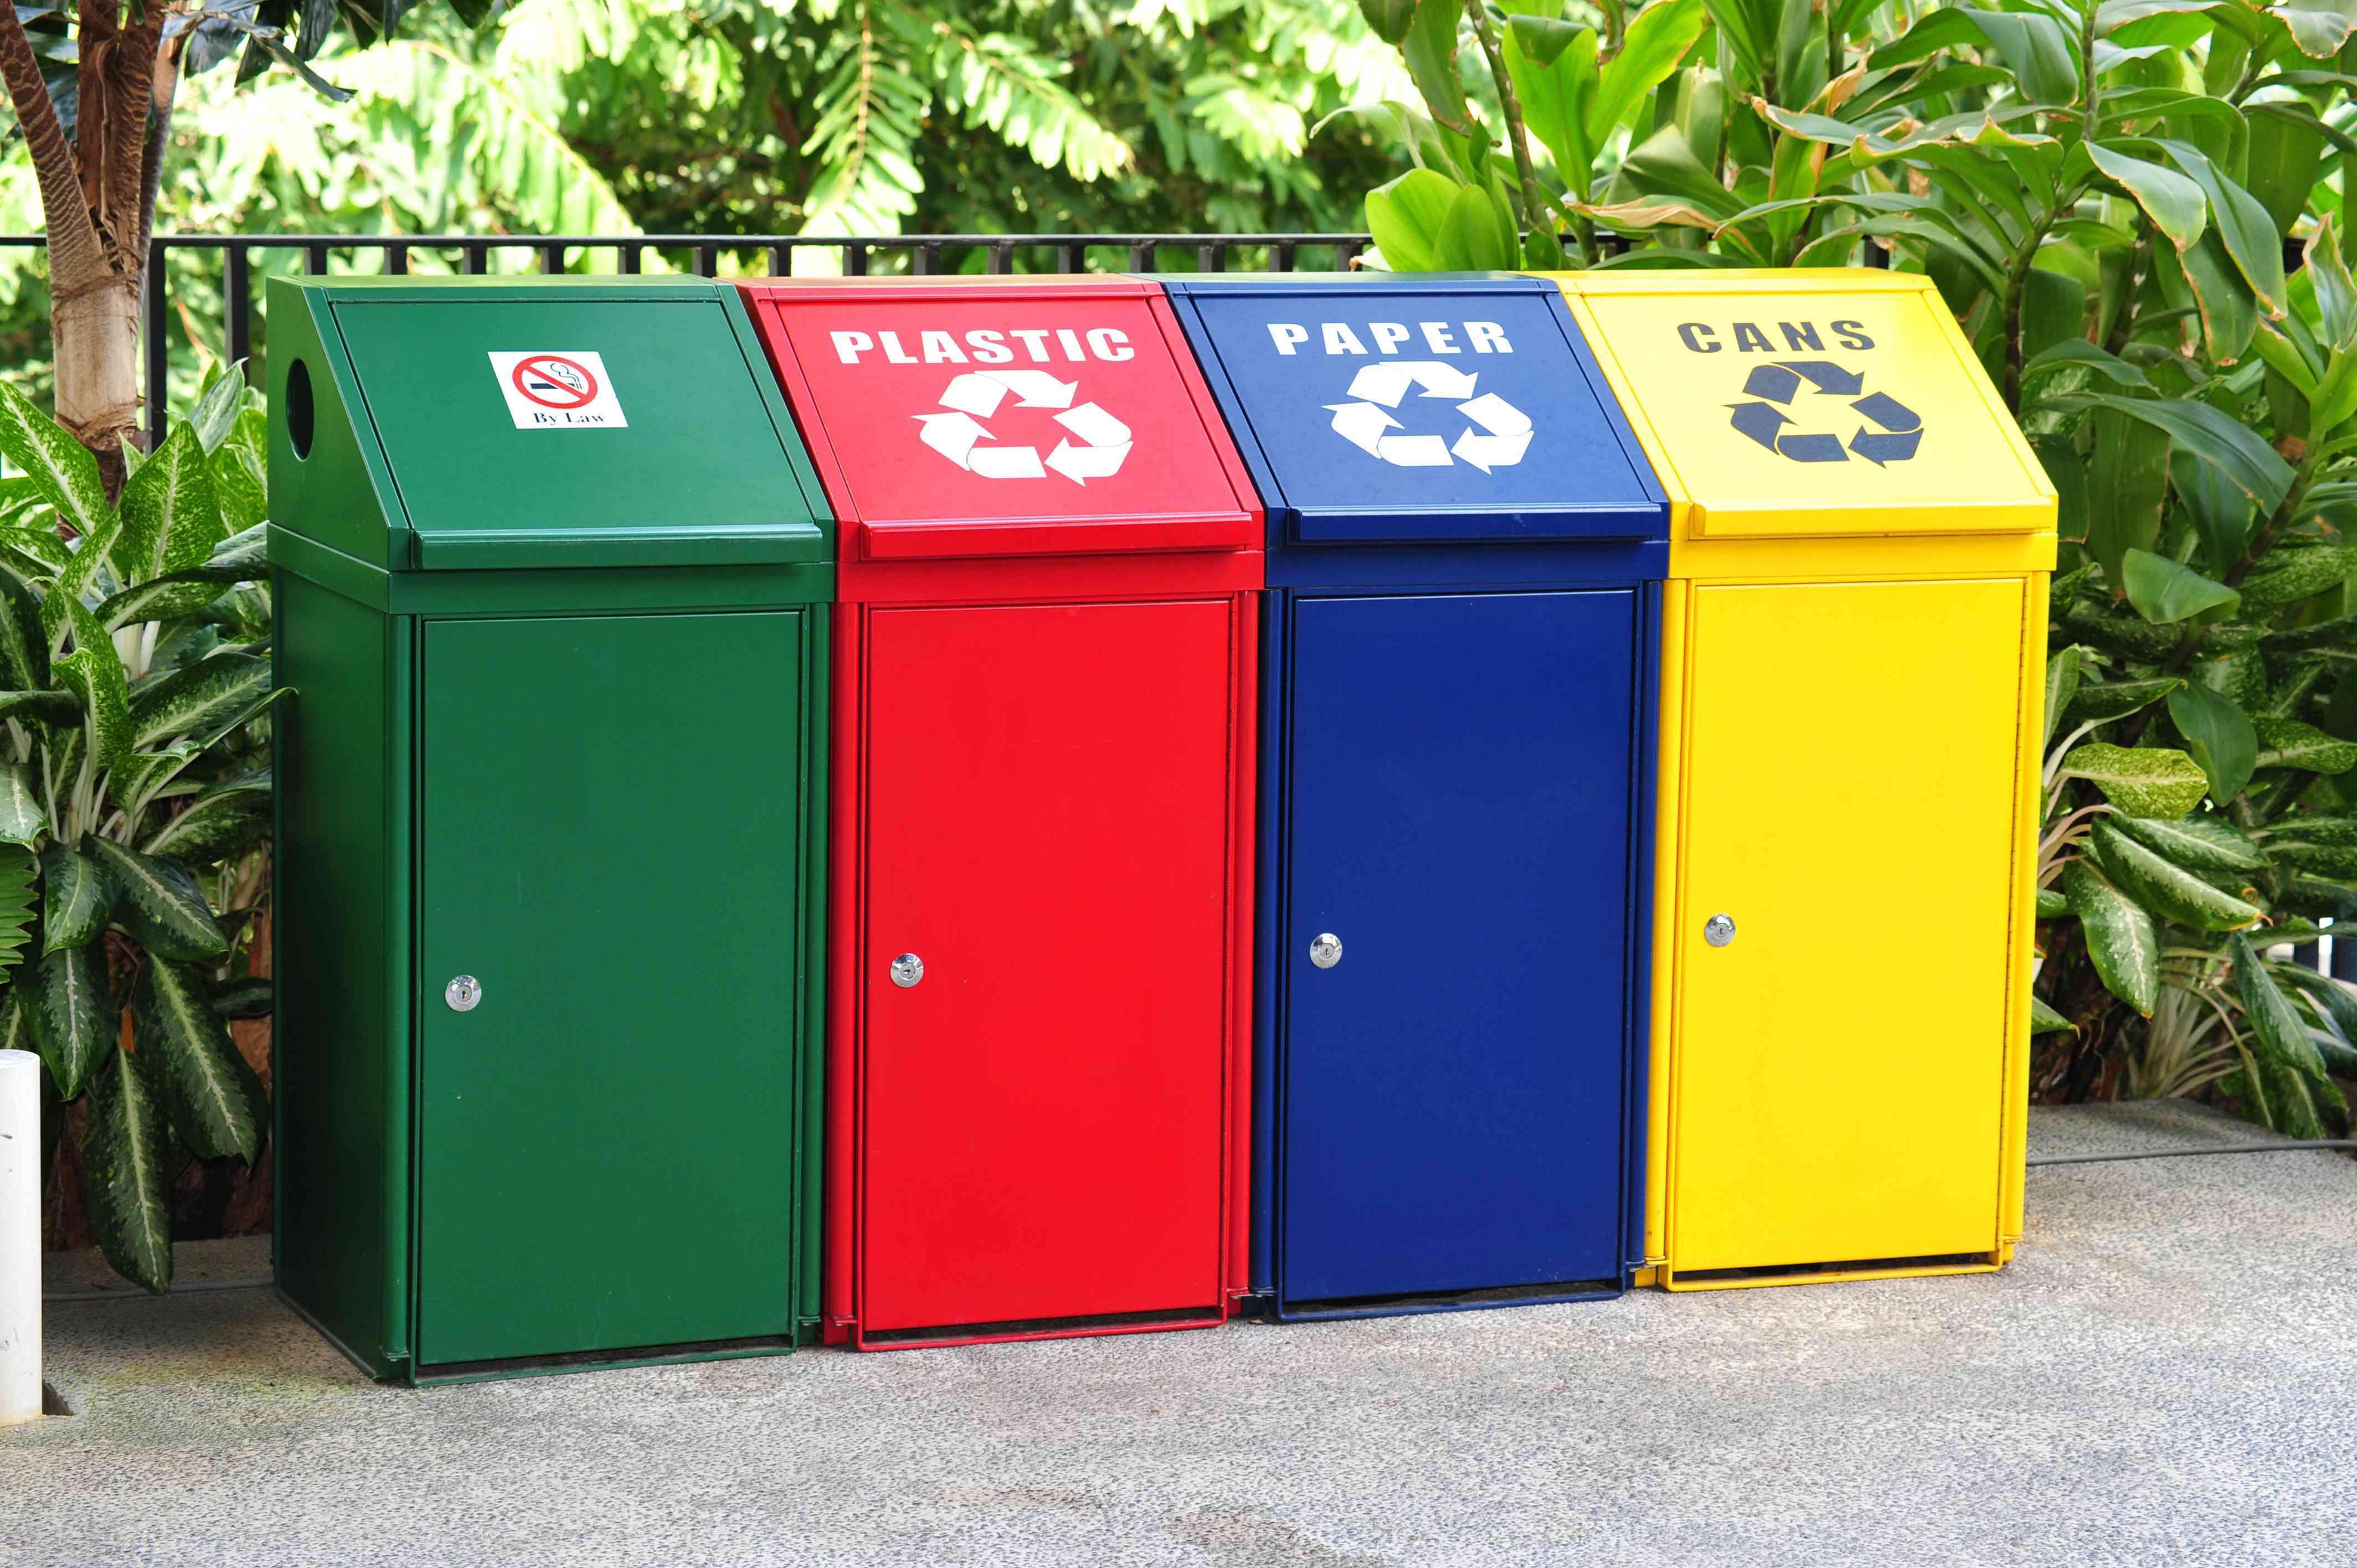 10 Tempat Sampah Bagus Terbaik Di Indonesia 2020 Merk